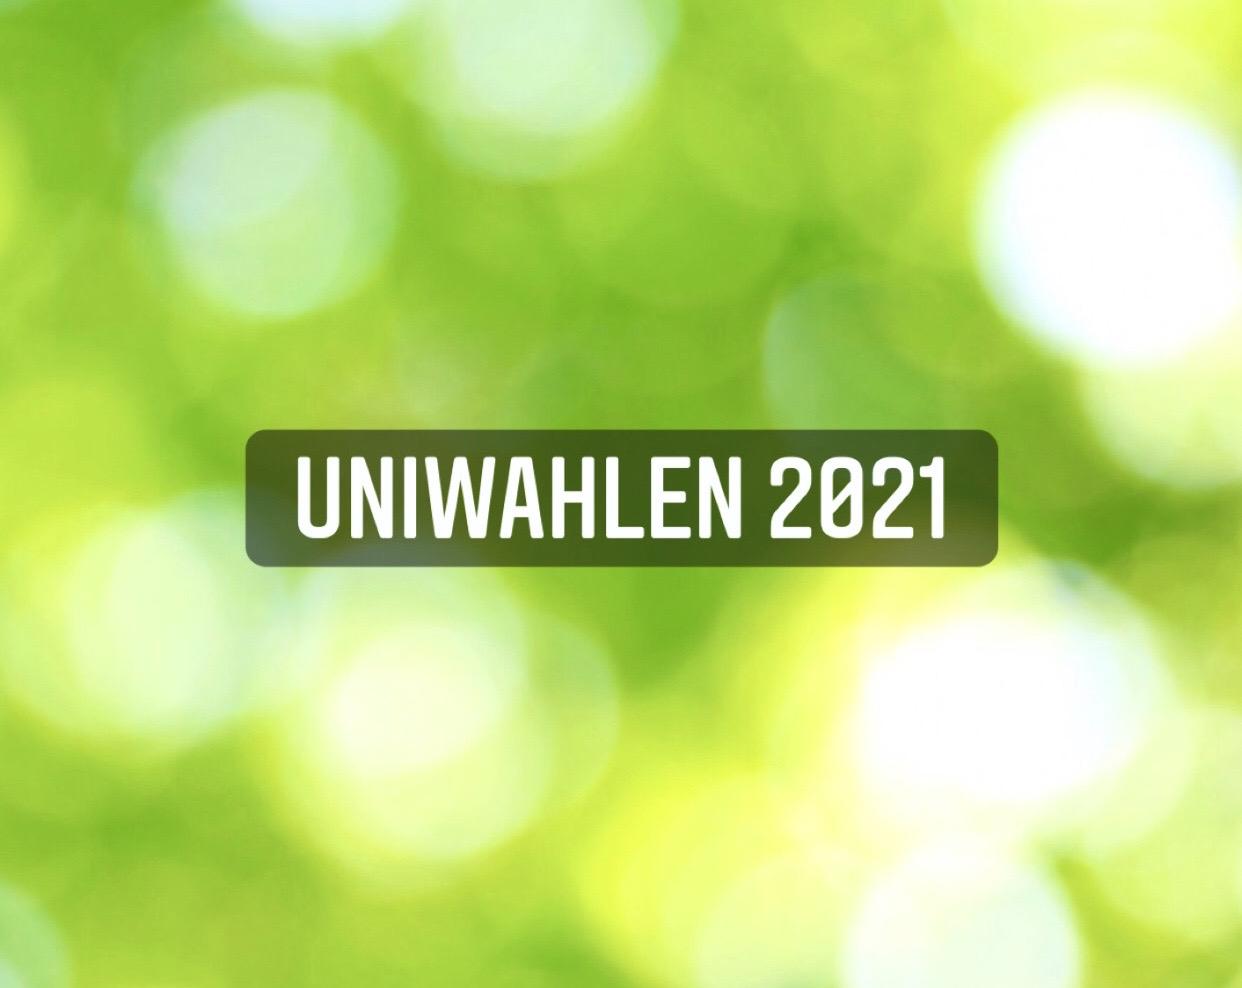 You are currently viewing Uniwahlen 2021 – Ihr habt gewählt!